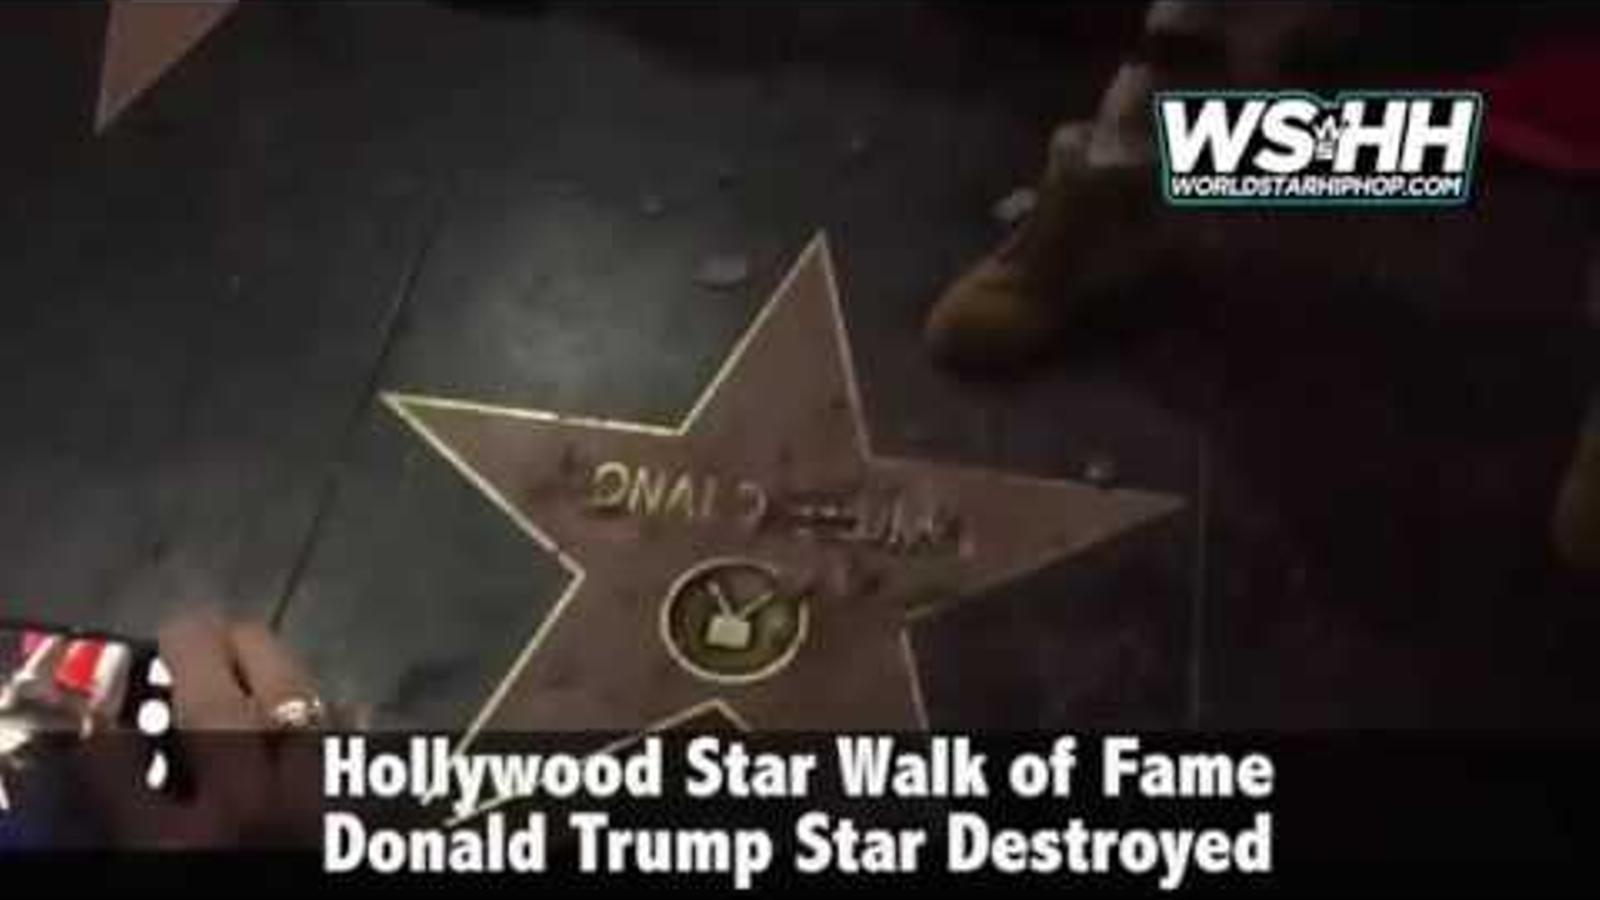 El vídeo del moment de la destrucció de l'estrella de Trump.